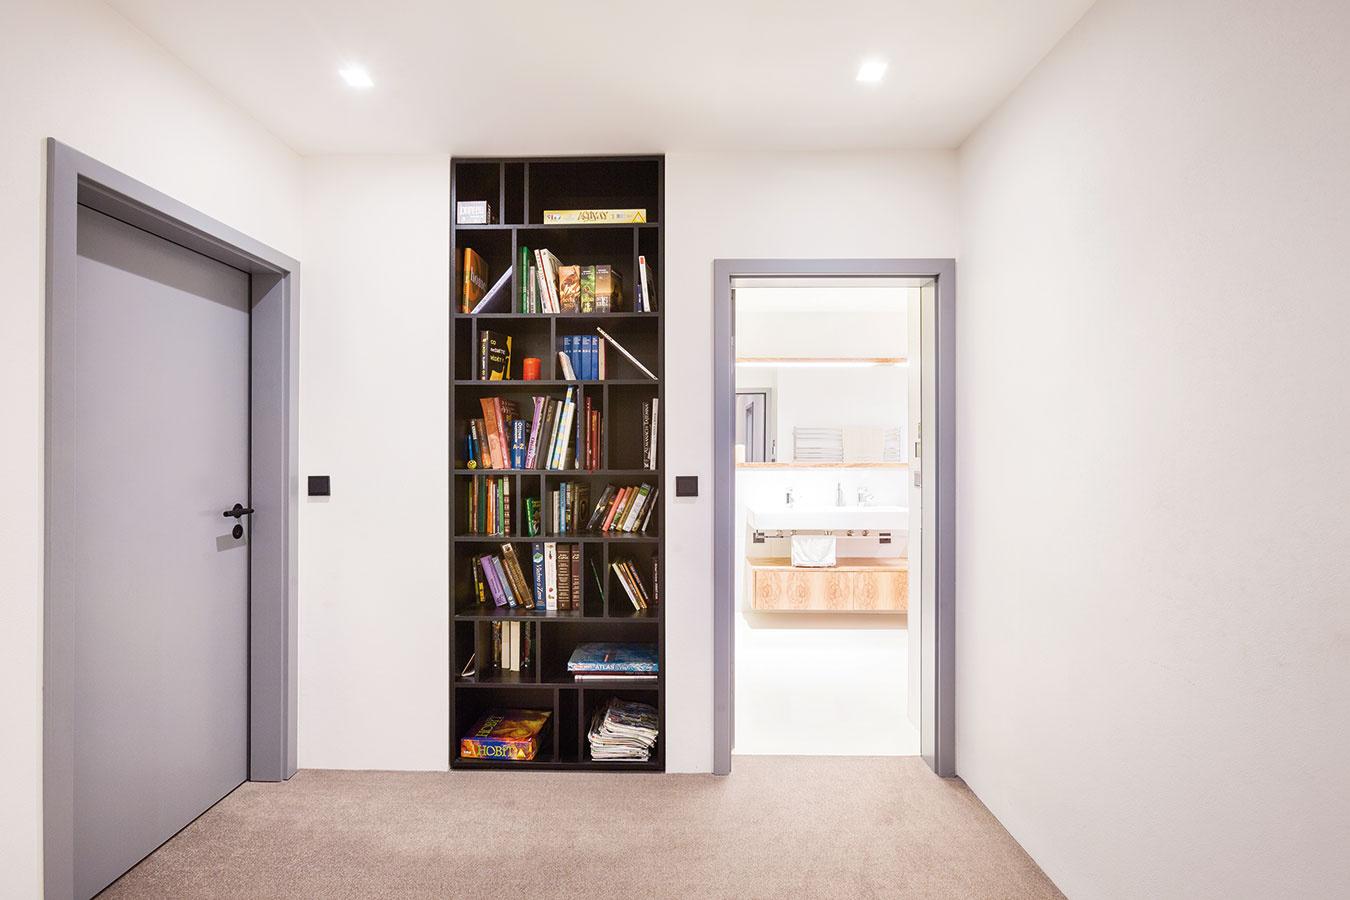 Na chodbe vznikol priestor na zabudovanú policu, ktorá slúži ako knižnica. Farby kníh či obalov spoločenských hier ju oživujú a dynamizujú.